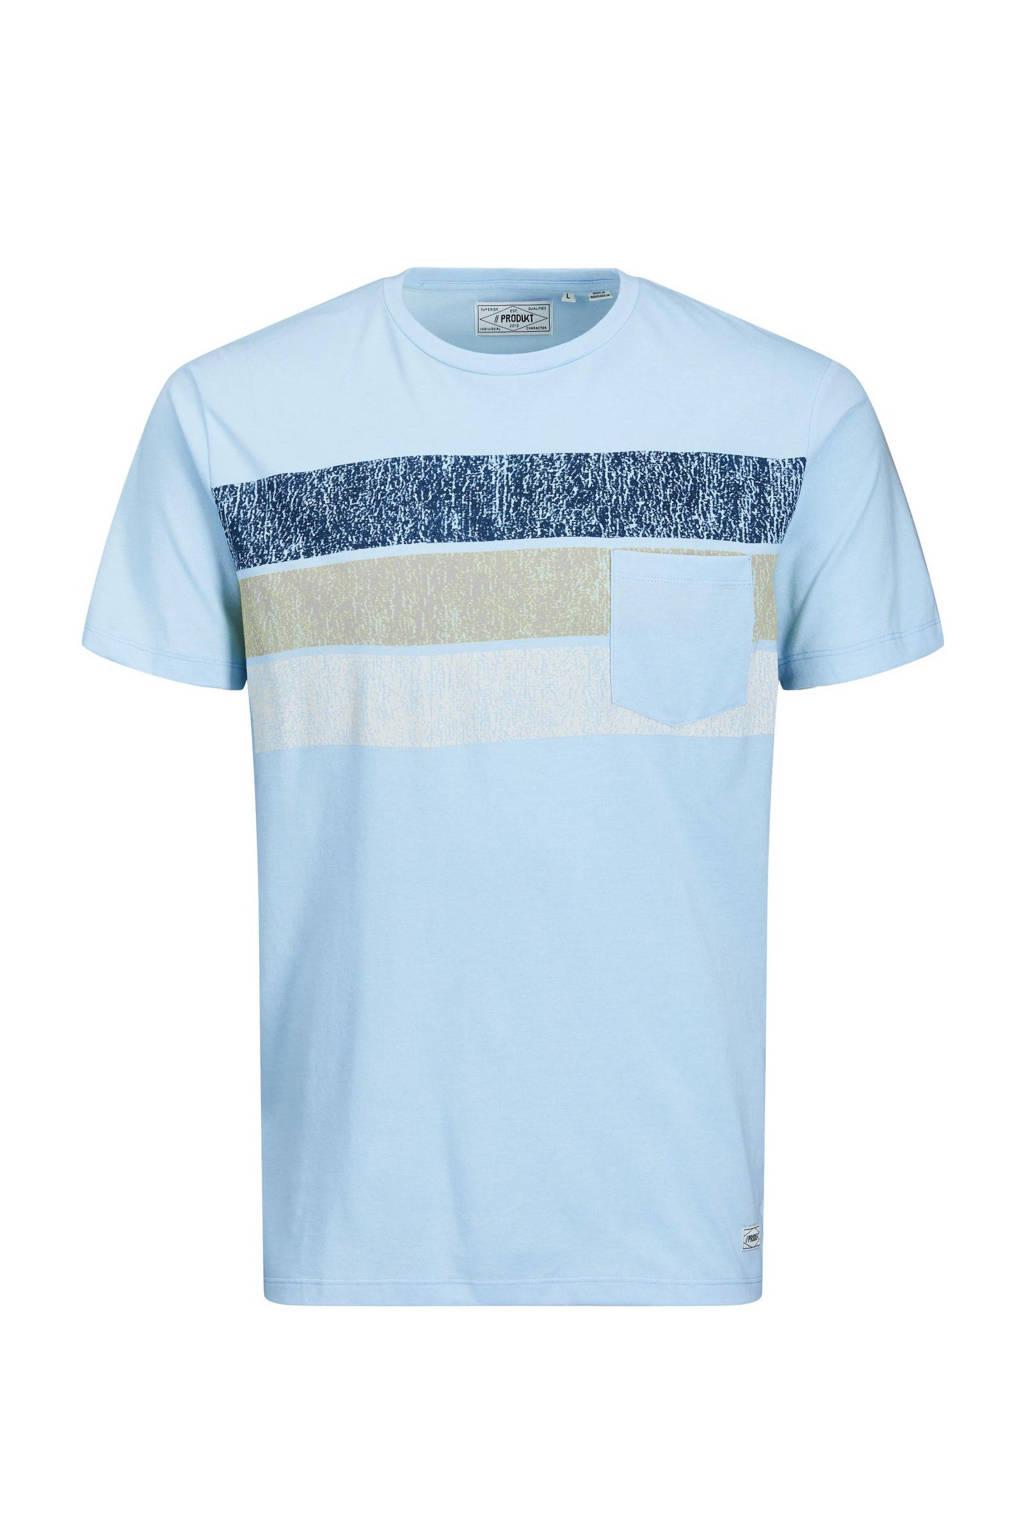 PRODUKT T-shirt Unsiders met printopdruk lichtblauw, Lichtblauw